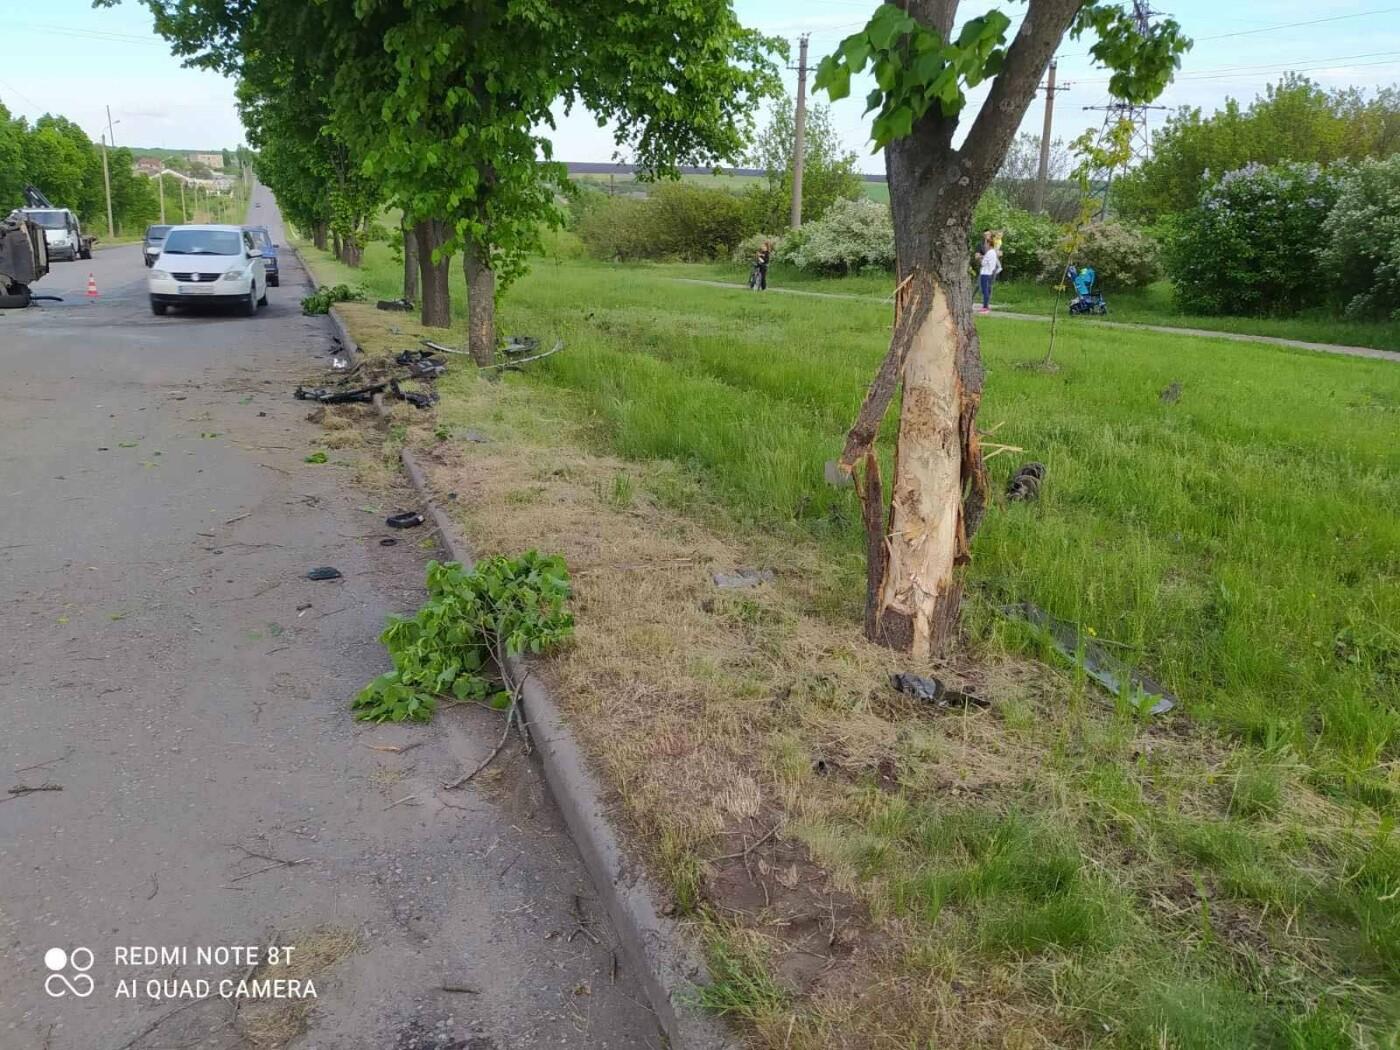 Врізався у дерево та перекинувся: у Лозовій сталася ДТП , фото-2